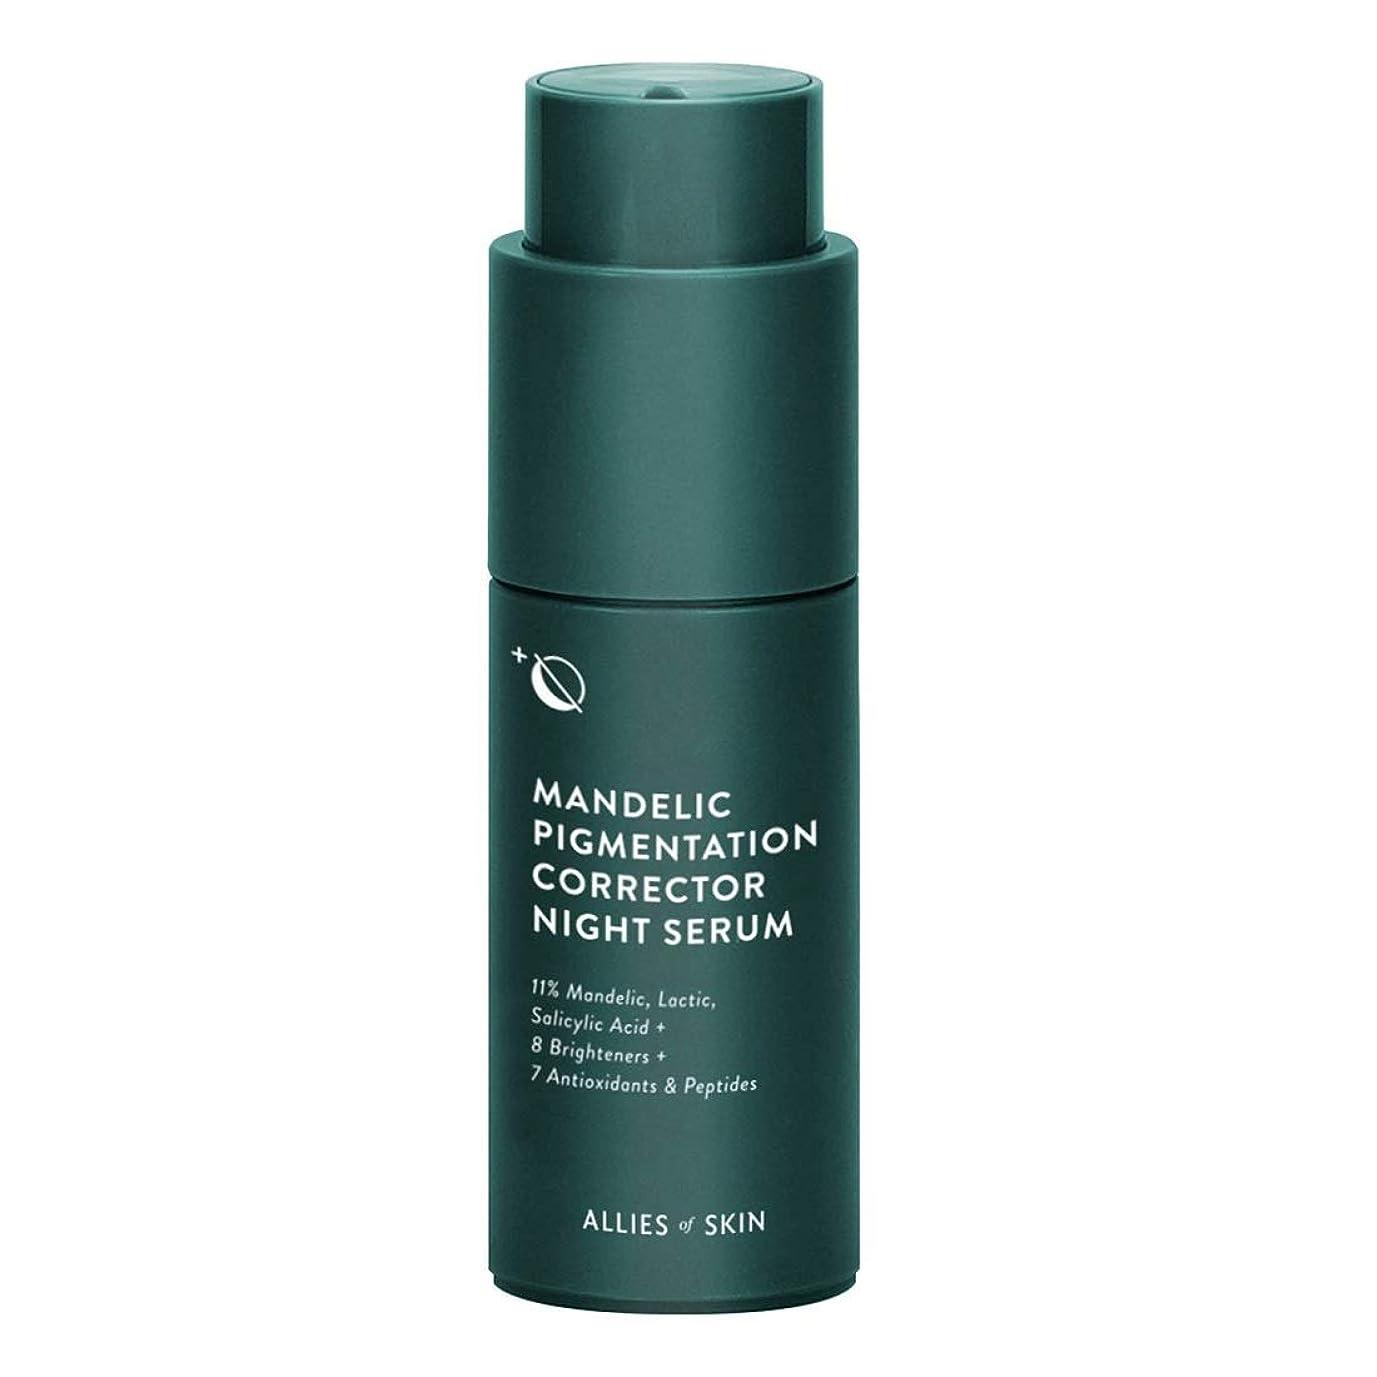 合法カバレッジ偽物ALLIES OF SKIN Mandelic Pigmentation Corrector Night Serum 30ml